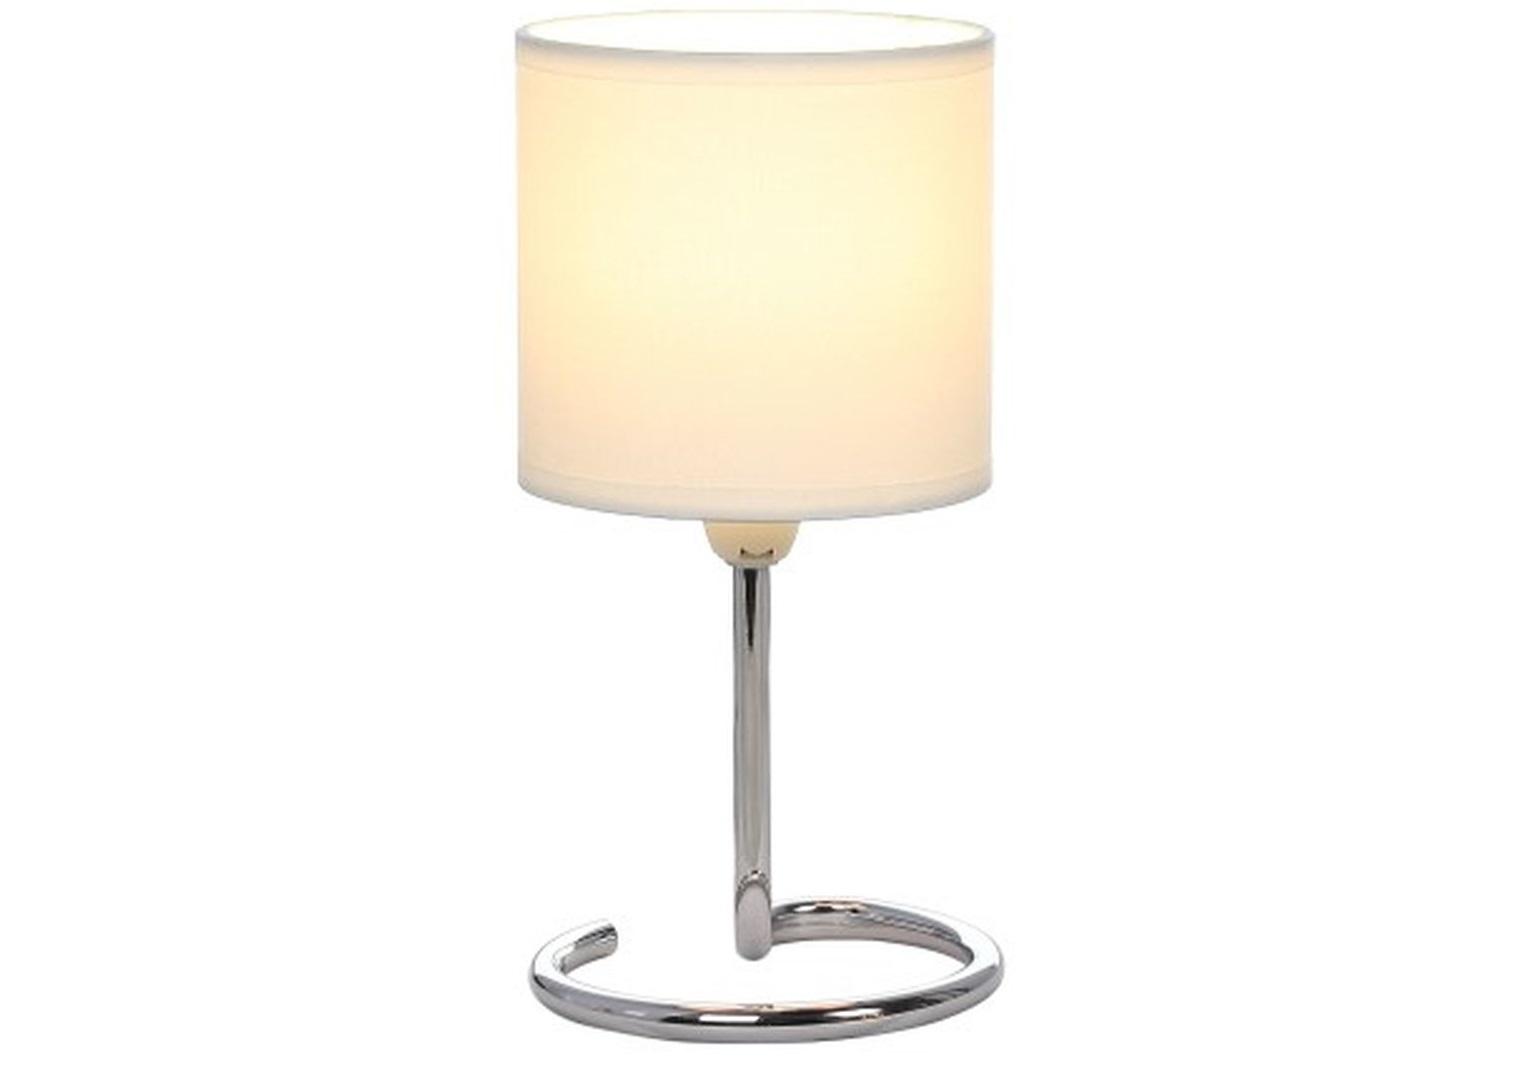 Настольная лампаДекоративные лампы<br>&amp;lt;div&amp;gt;Вид цоколя: E14&amp;lt;/div&amp;gt;&amp;lt;div&amp;gt;Мощность: 40W&amp;lt;/div&amp;gt;&amp;lt;div&amp;gt;Количество ламп: 1&amp;lt;/div&amp;gt;<br><br>Material: Металл<br>Высота см: 25